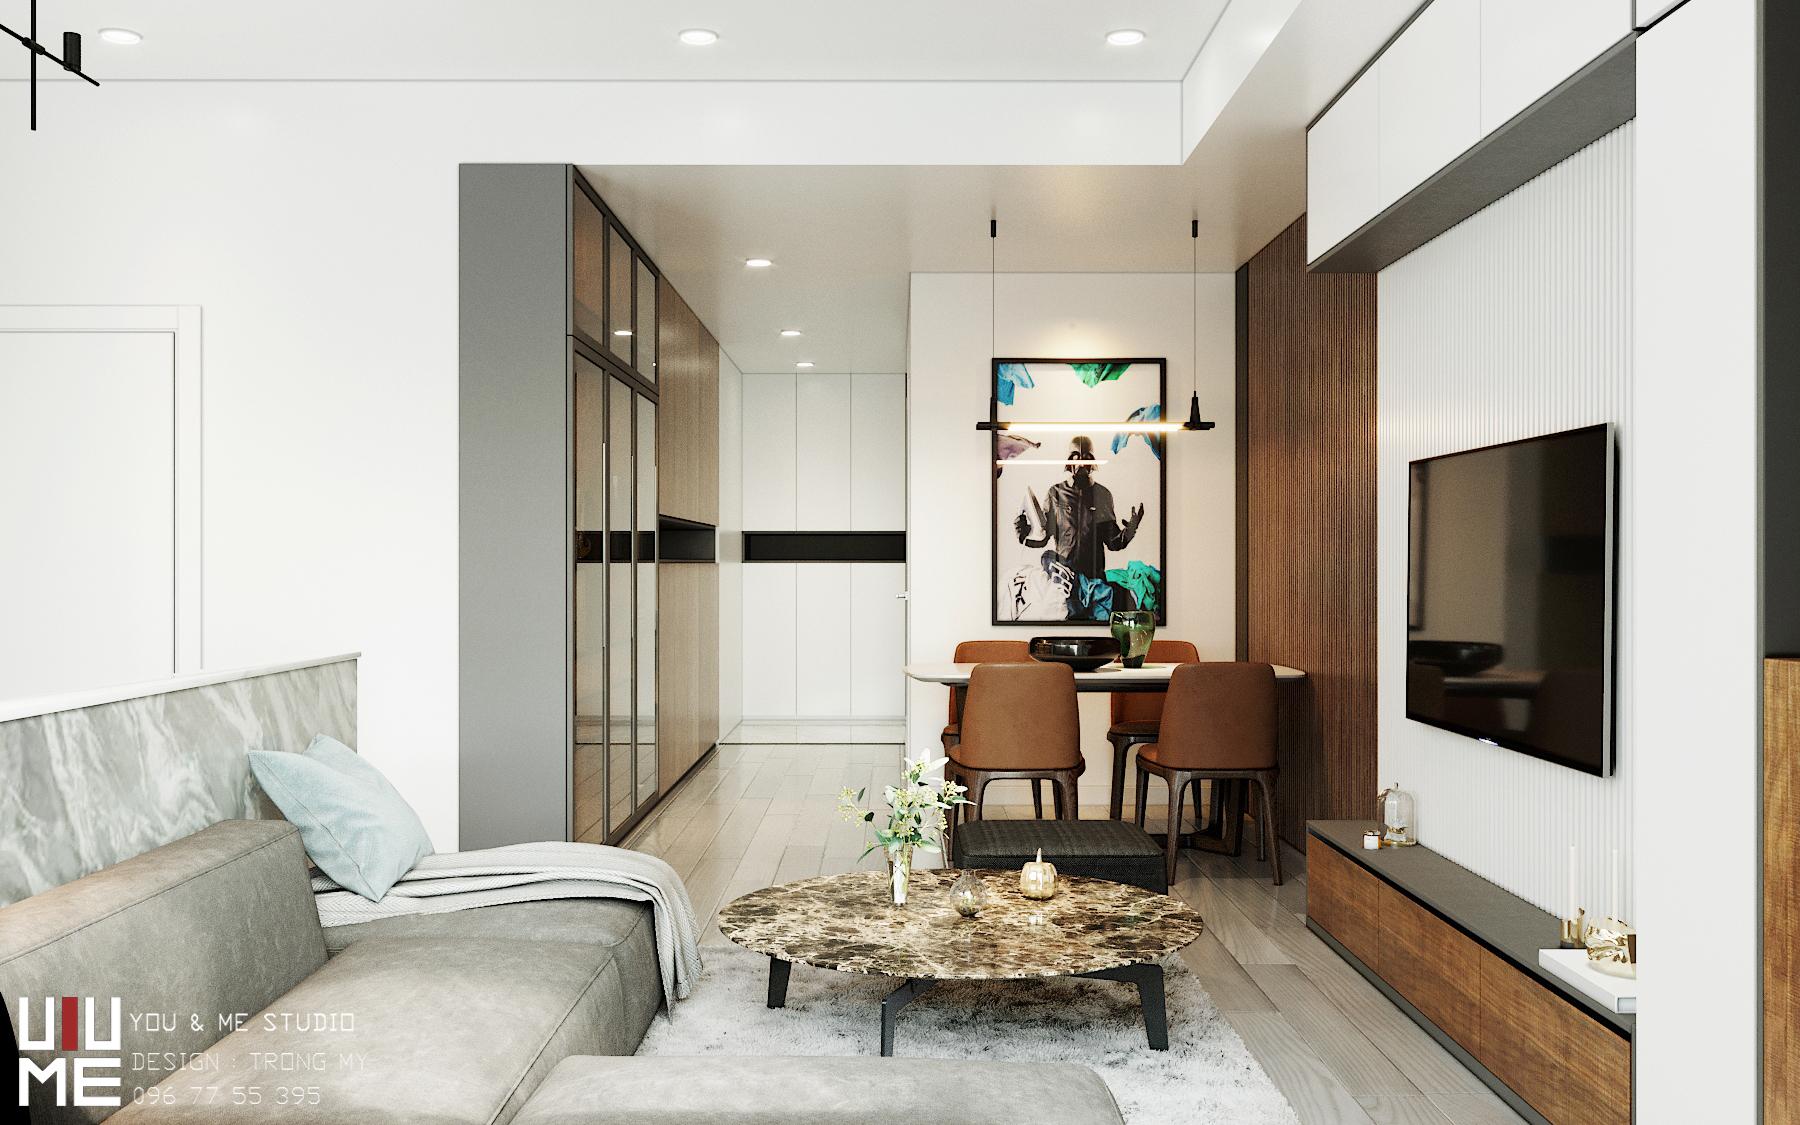 thiết kế nội thất chung cư tại Hà Nội 90 Nguyễn Tuân 4 1566362692